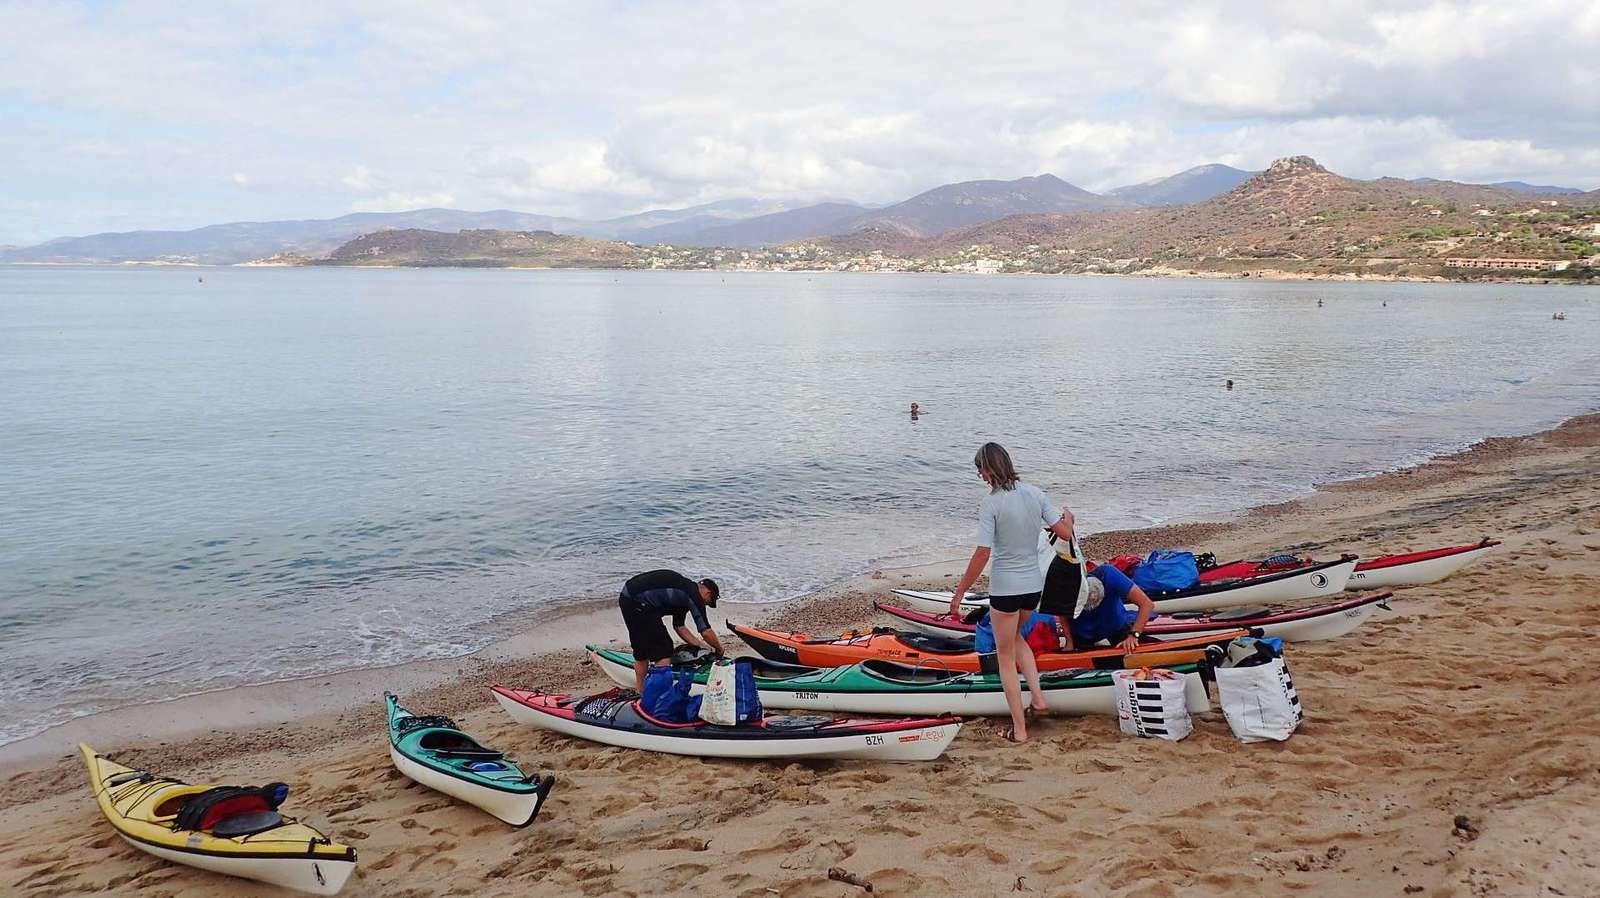 La joyeuse équipée de 9 kayakistes finistériens en Corse - Chapitre 7